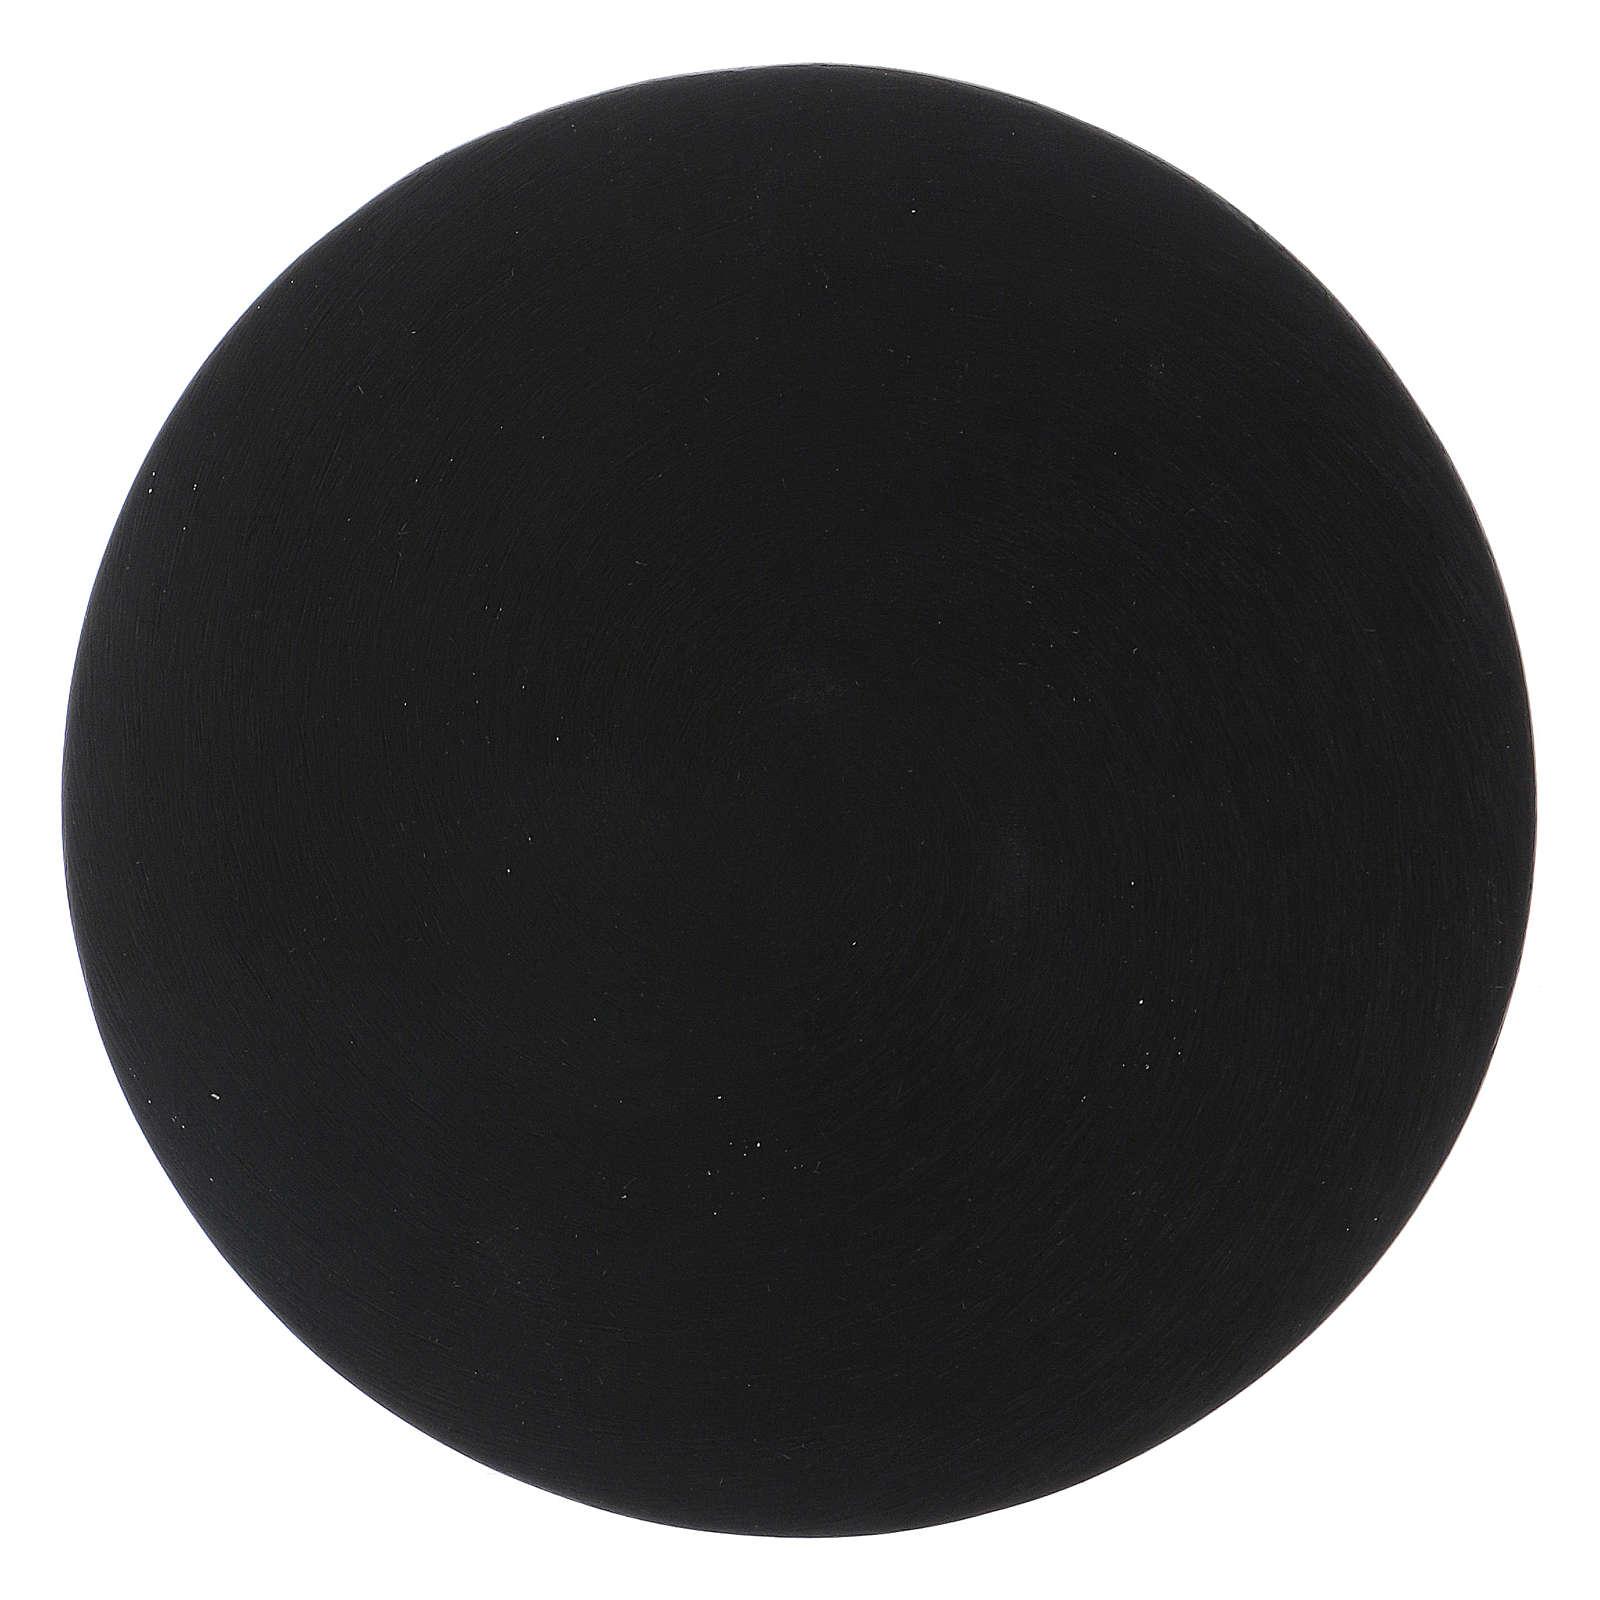 Plato portavela de aluminio negro 3